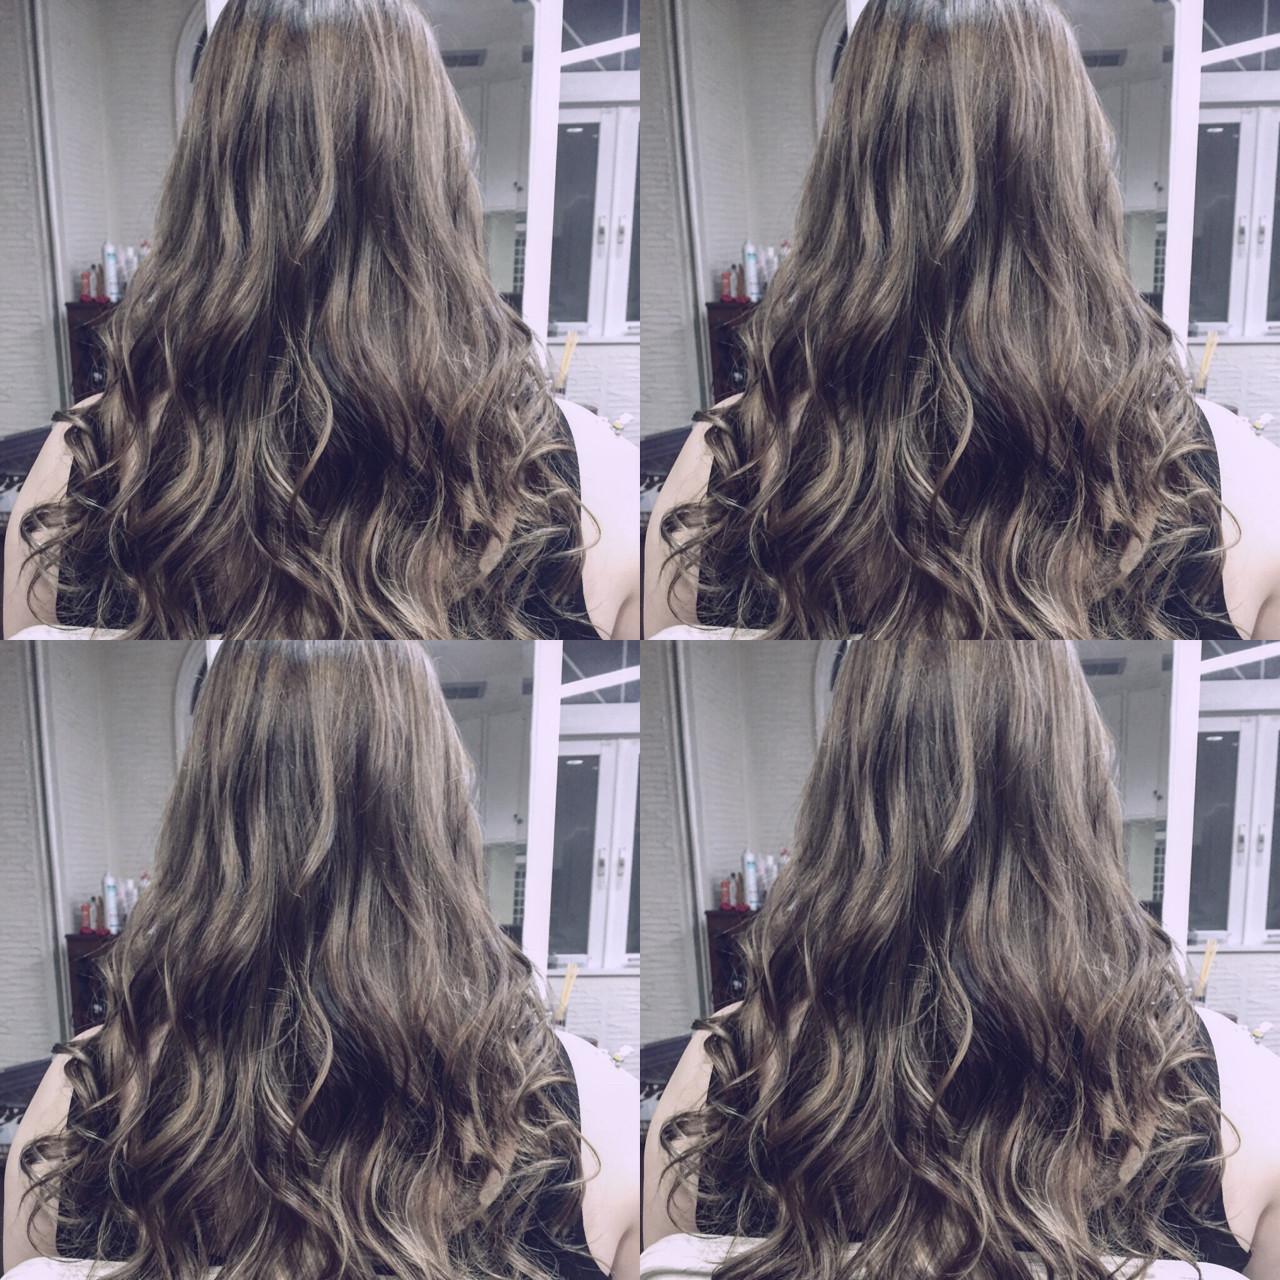 ハイライト グラデーションカラー アッシュ ストリート ヘアスタイルや髪型の写真・画像 | TOMOMO / HAIR SOPHIS